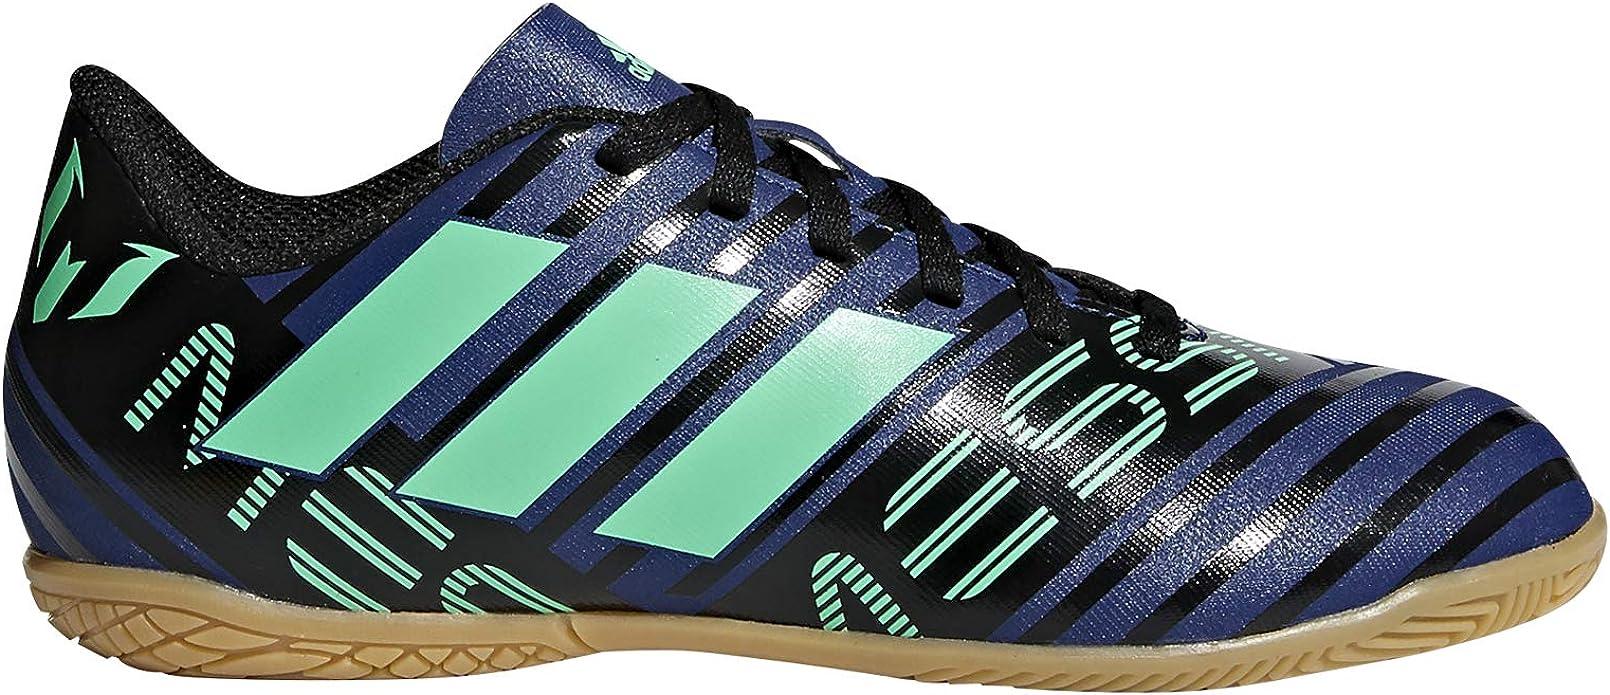 adidas Nemeziz Messi Tango 17.4 Indoor, Chaussures de